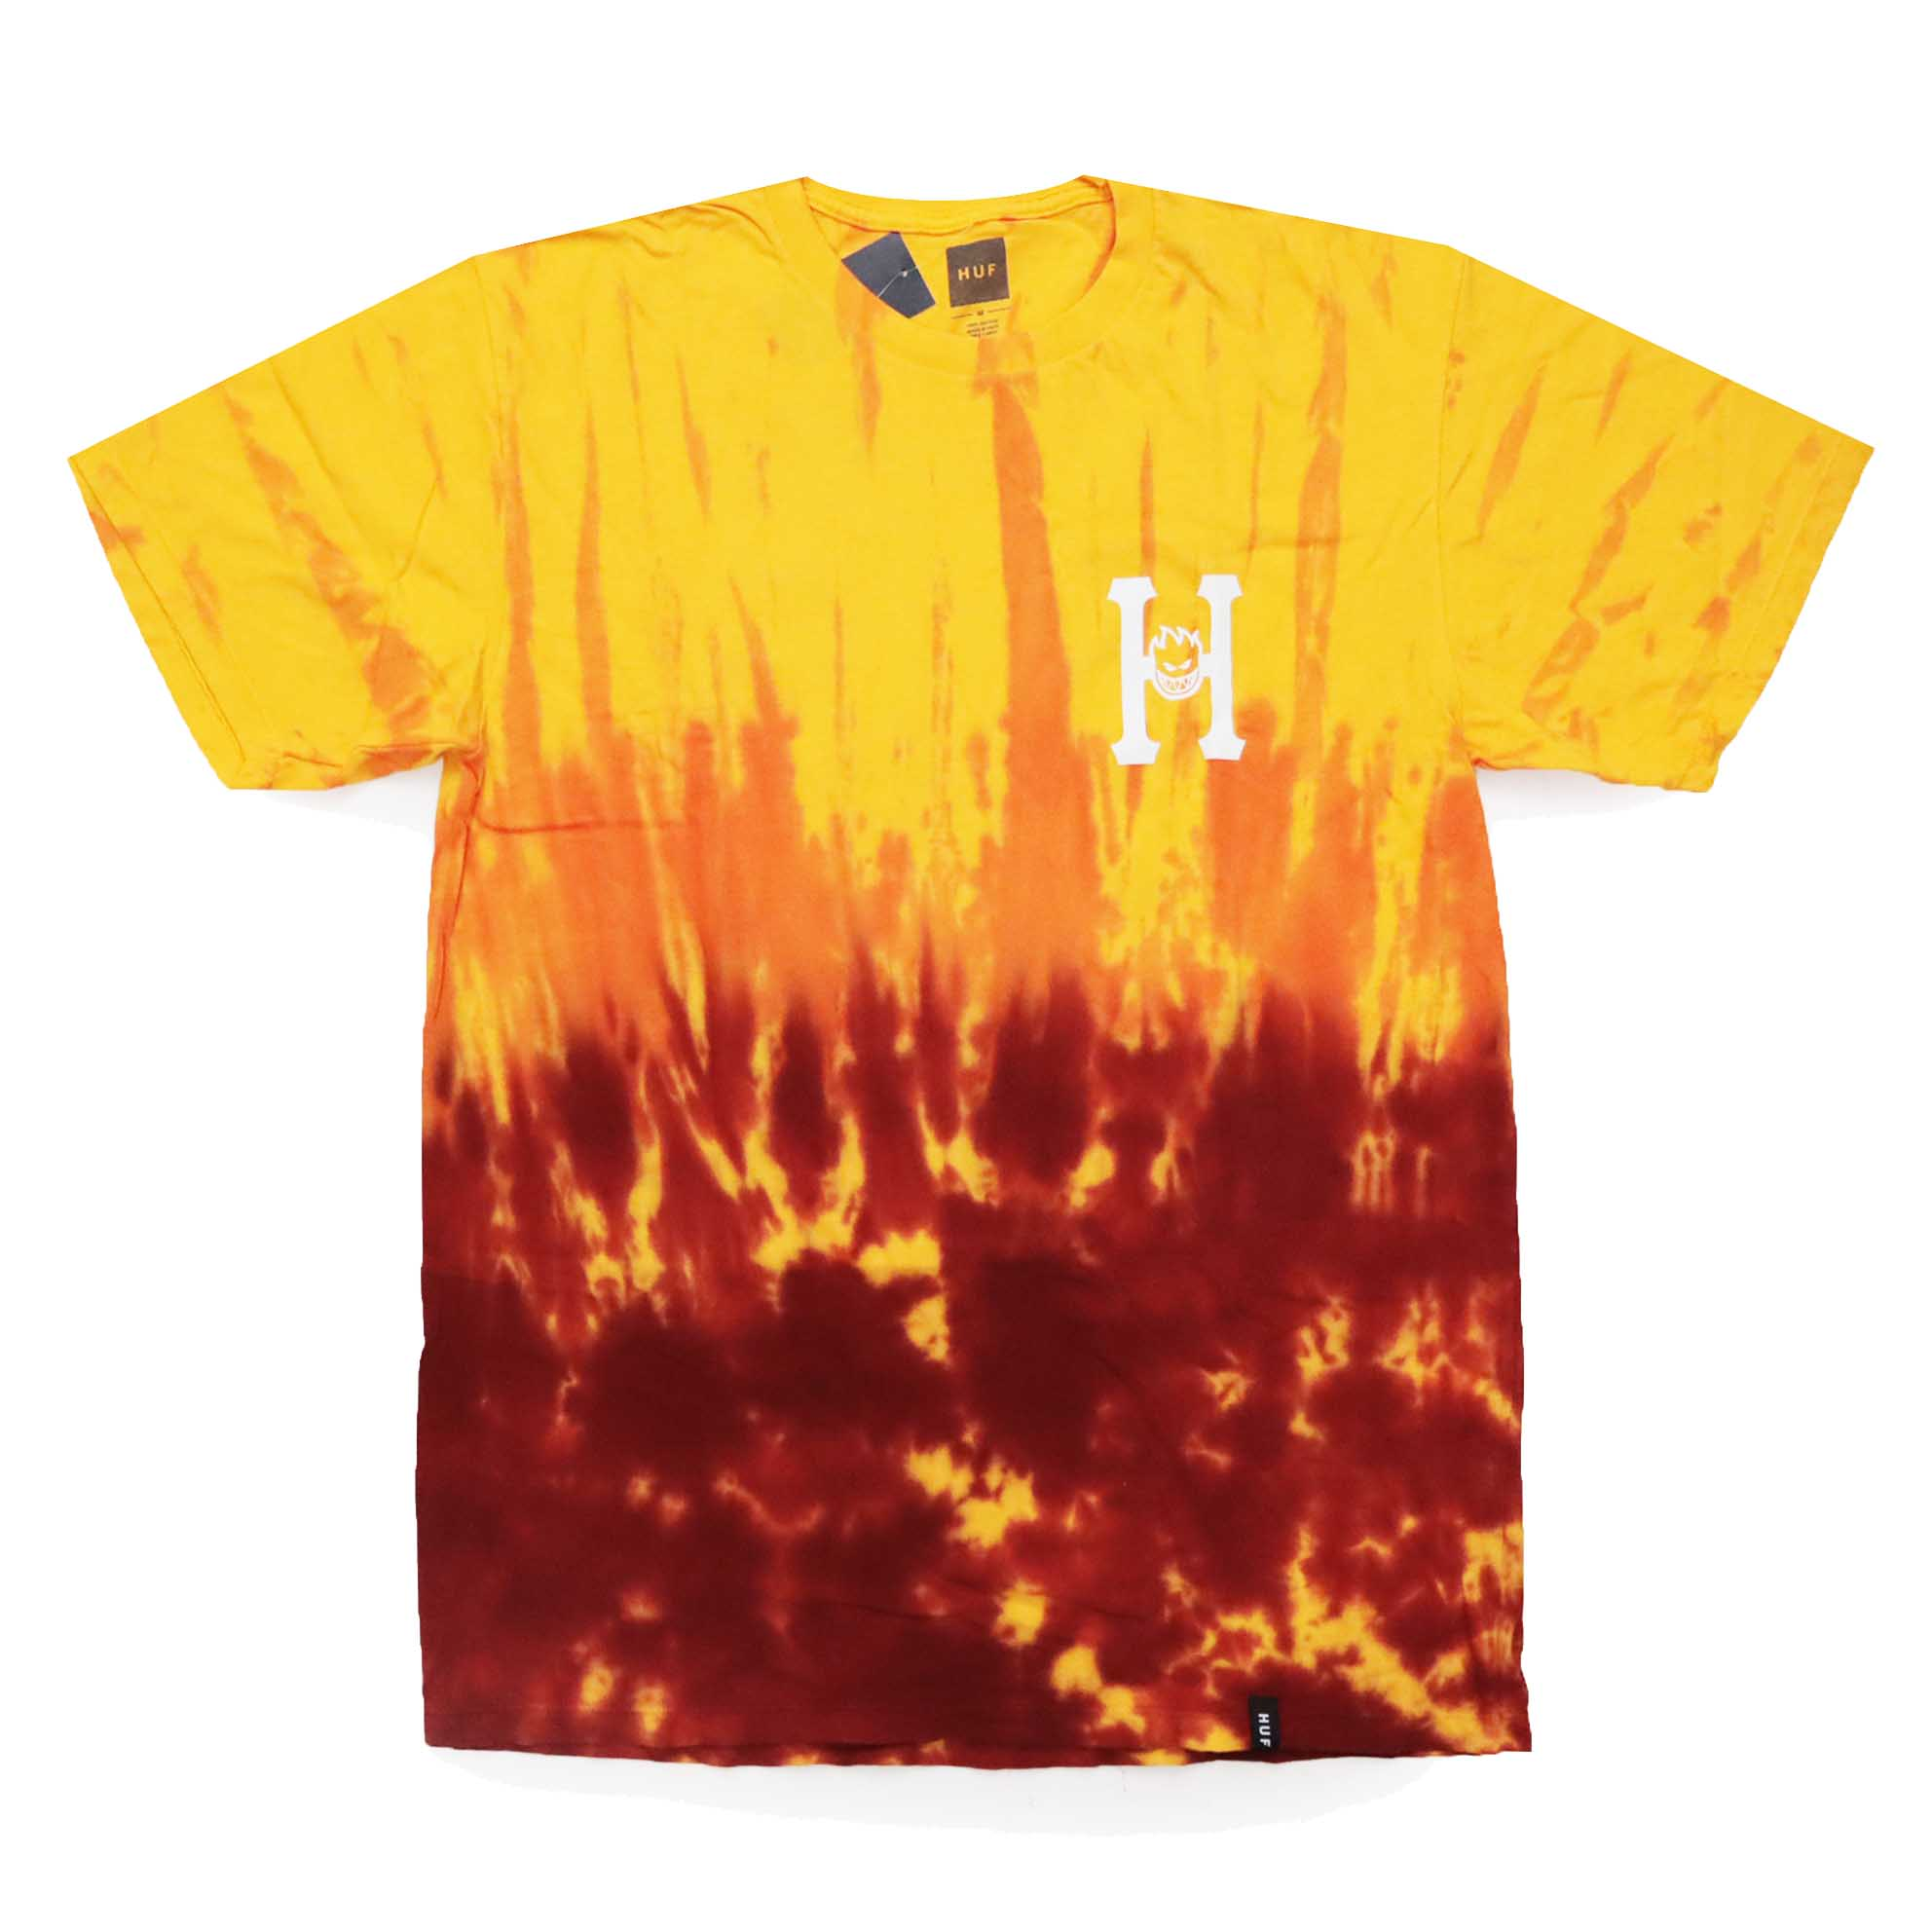 Camiseta HUF x Spitfire Flaming - Tie Dye Amarela/Vermelho (Importado)